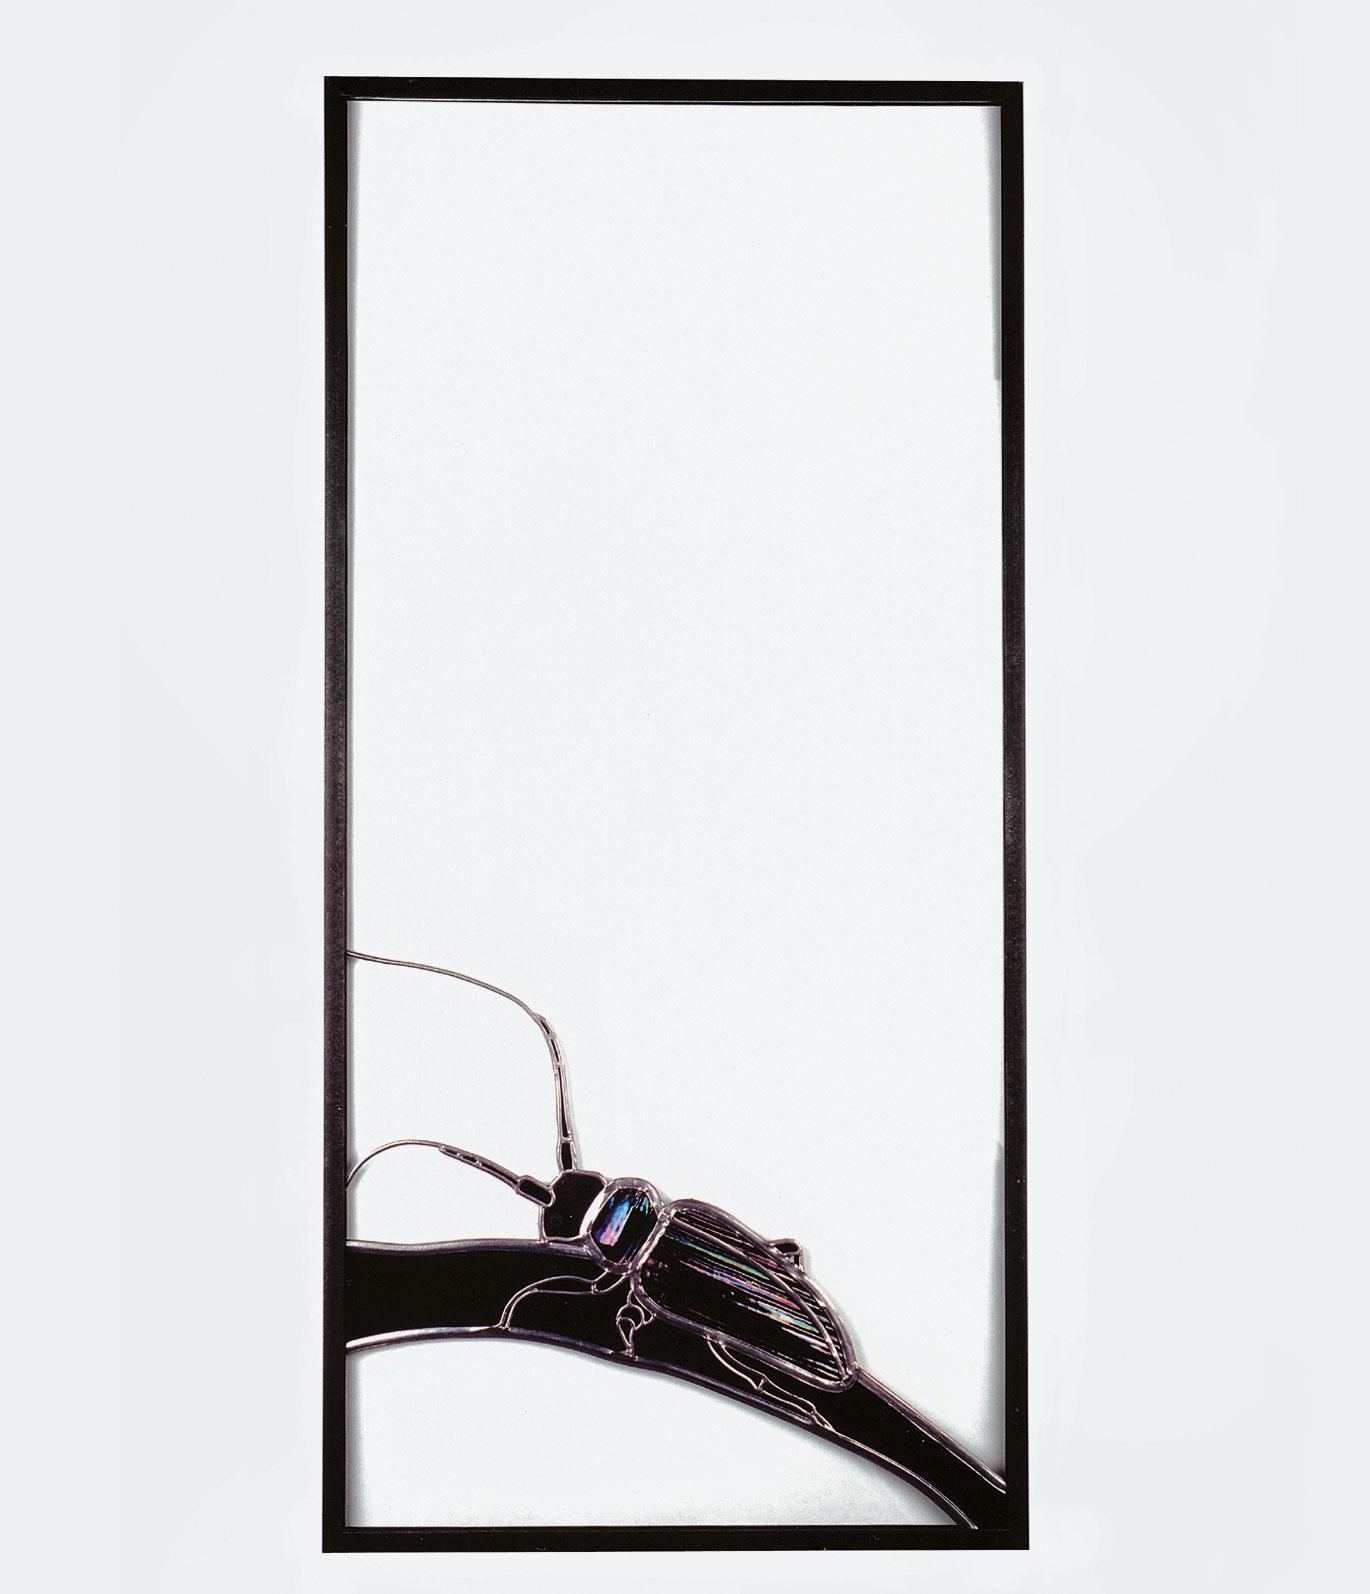 Full Size of Glasbild 120x50 Glasbilder Sandro Zimmermann Küche Bad Wohnzimmer Glasbild 120x50